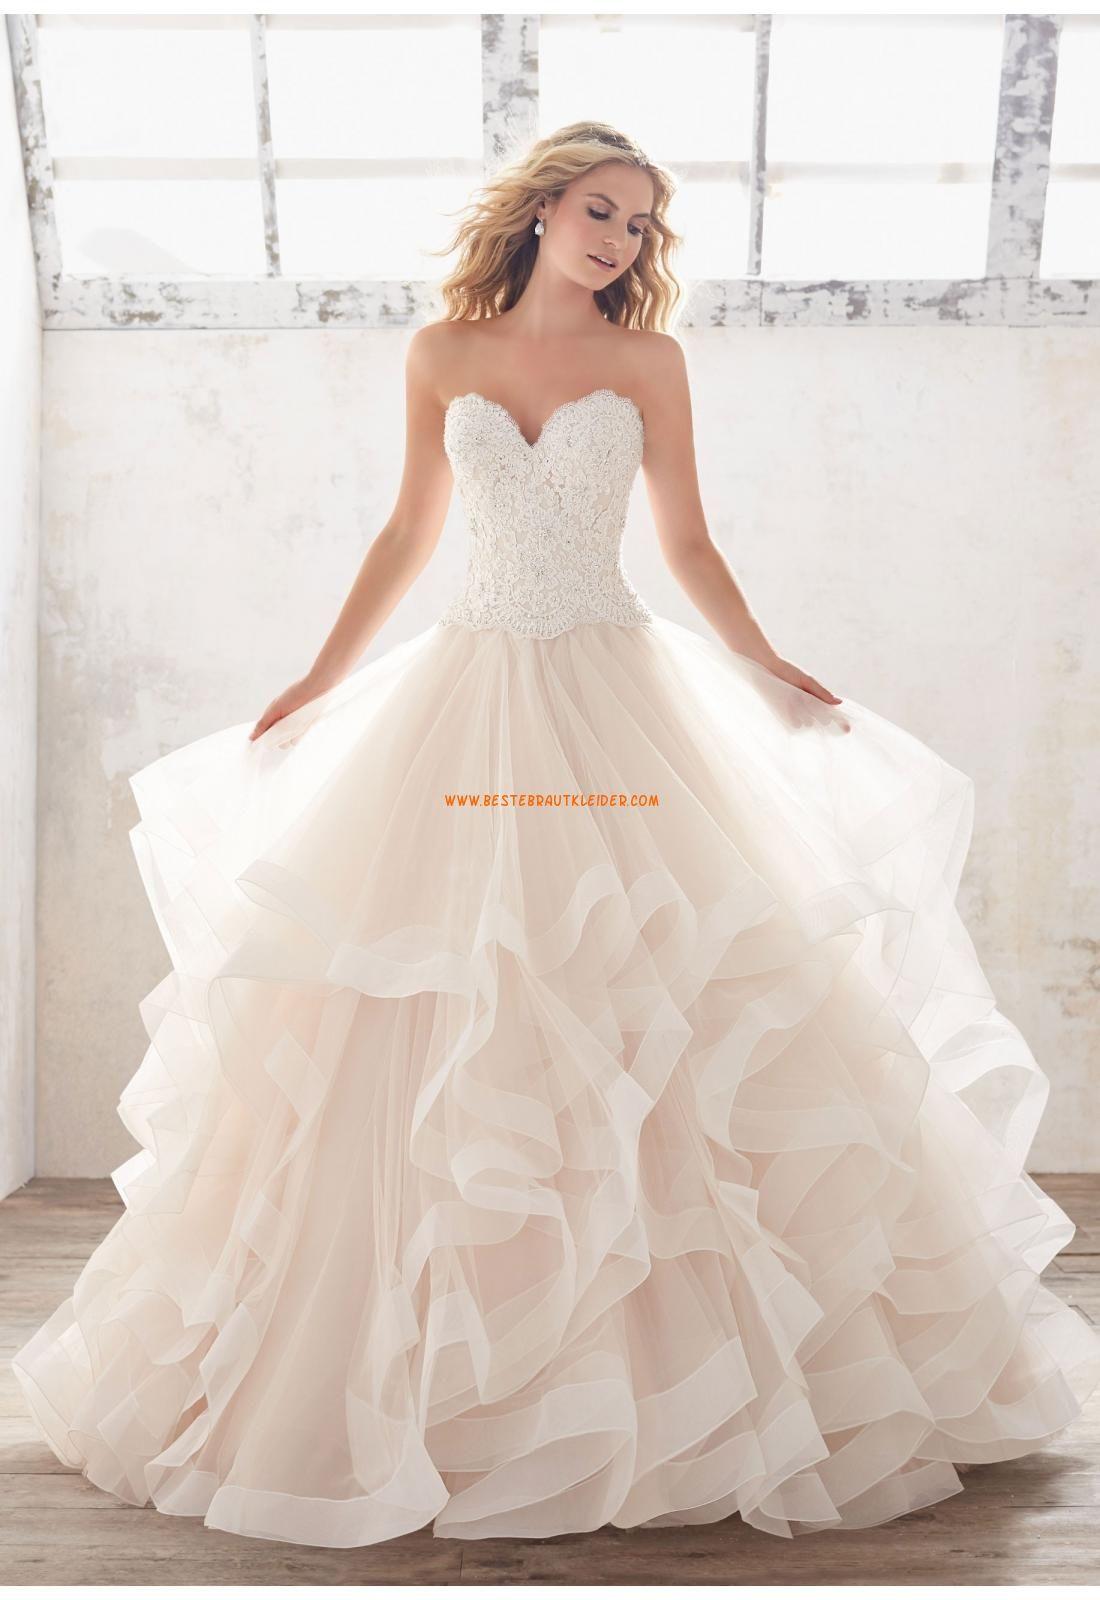 Prinzessin Glamouröse Schöne Brautkleider aus Organza mit Schleppe